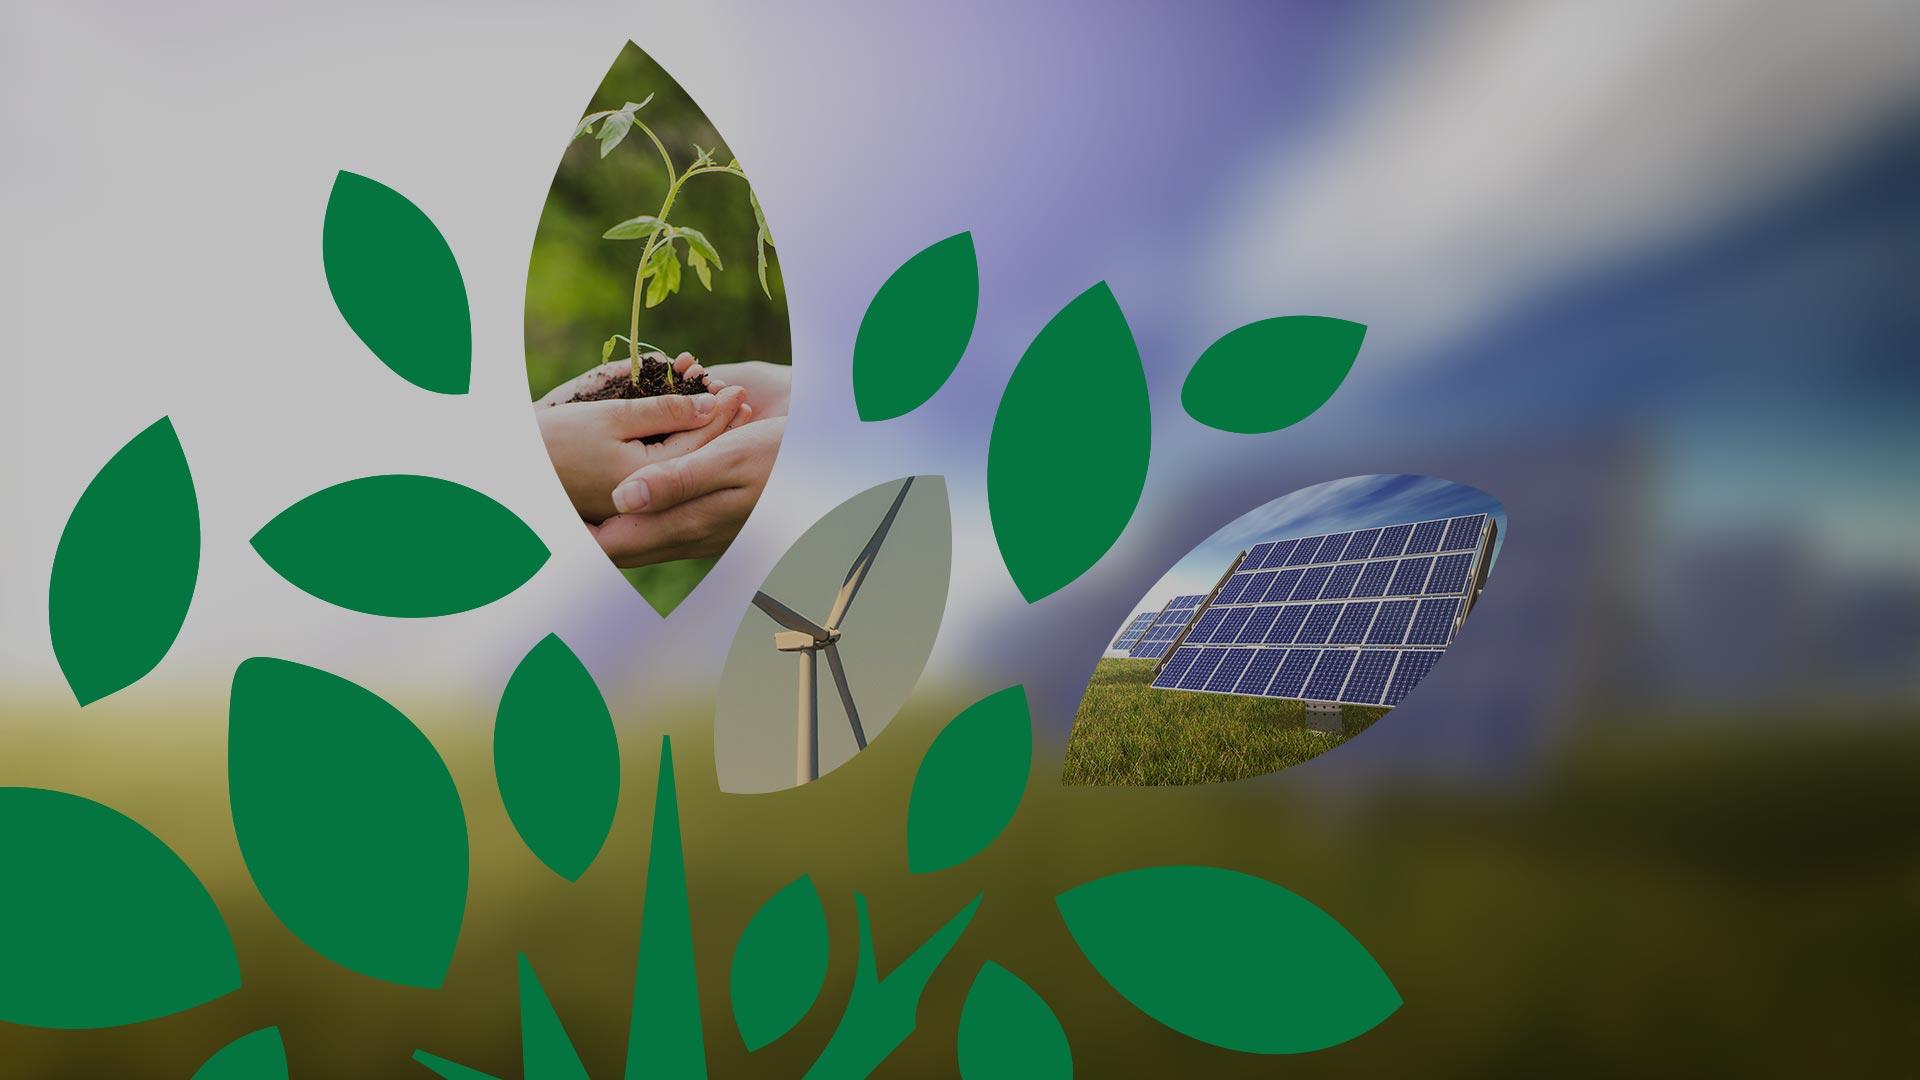 Soluções ambientais para um desenvolvimento sustentável